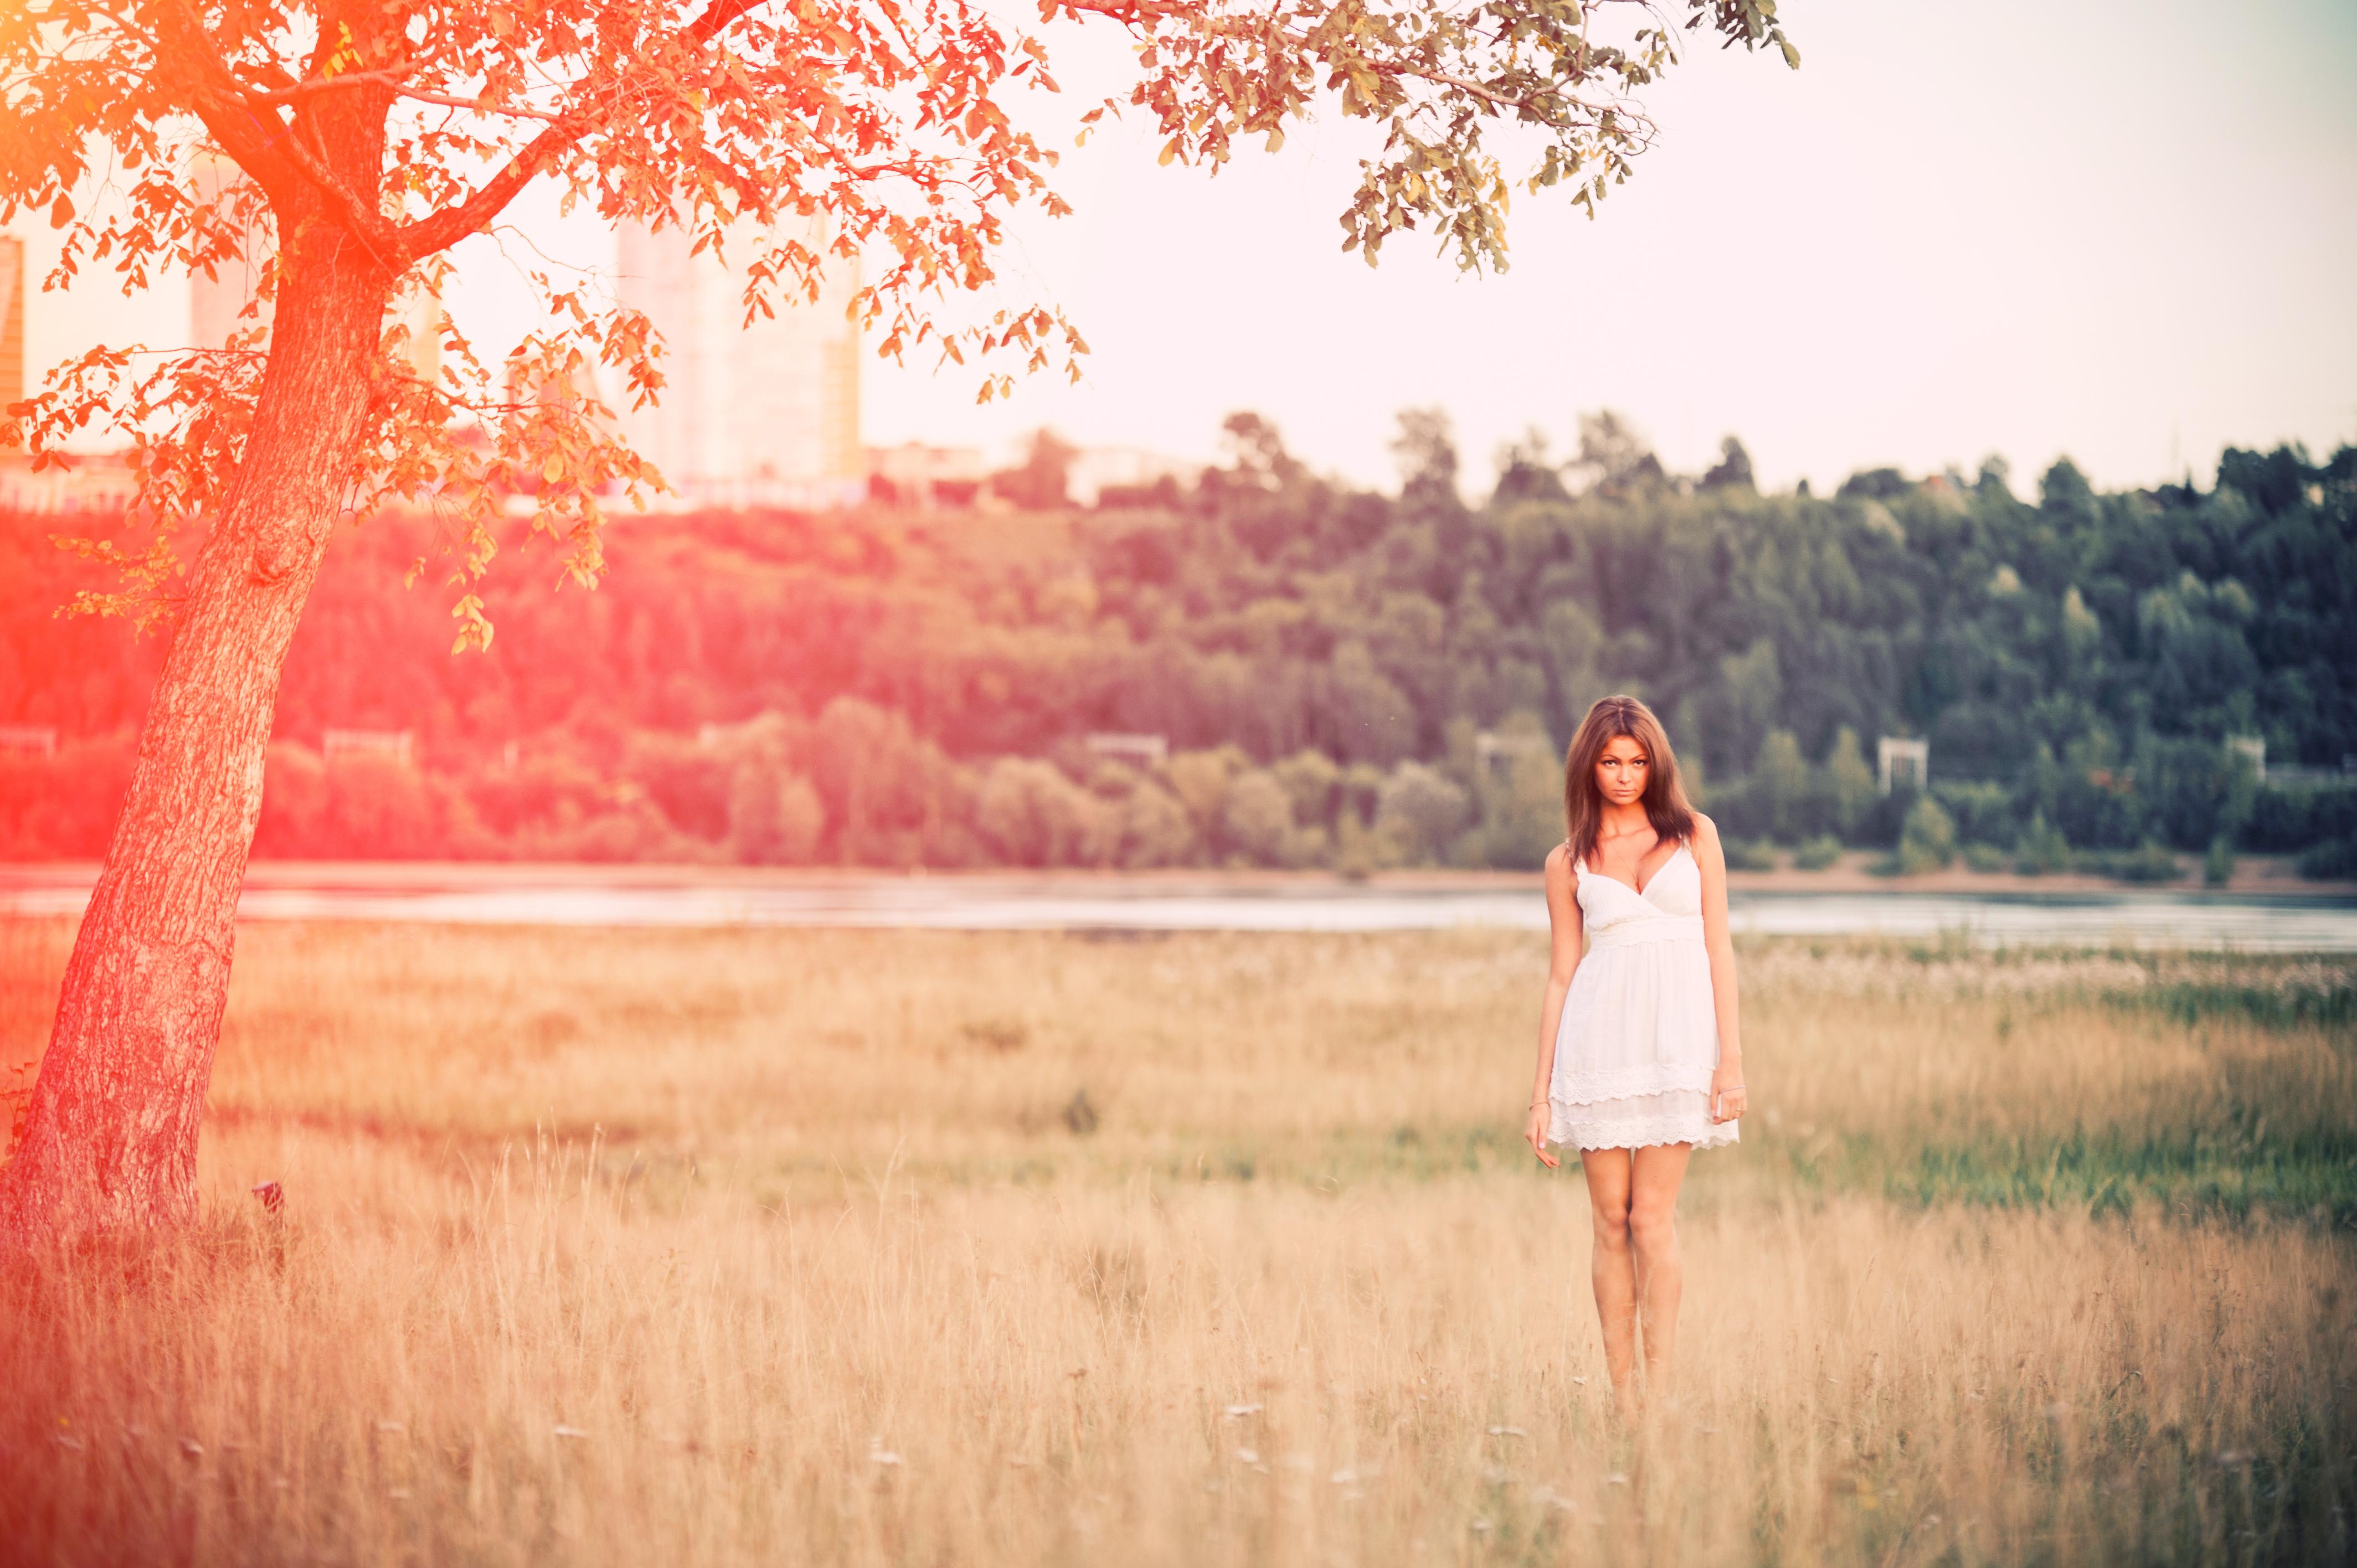 природа трава девушка черное платье  № 636856 загрузить